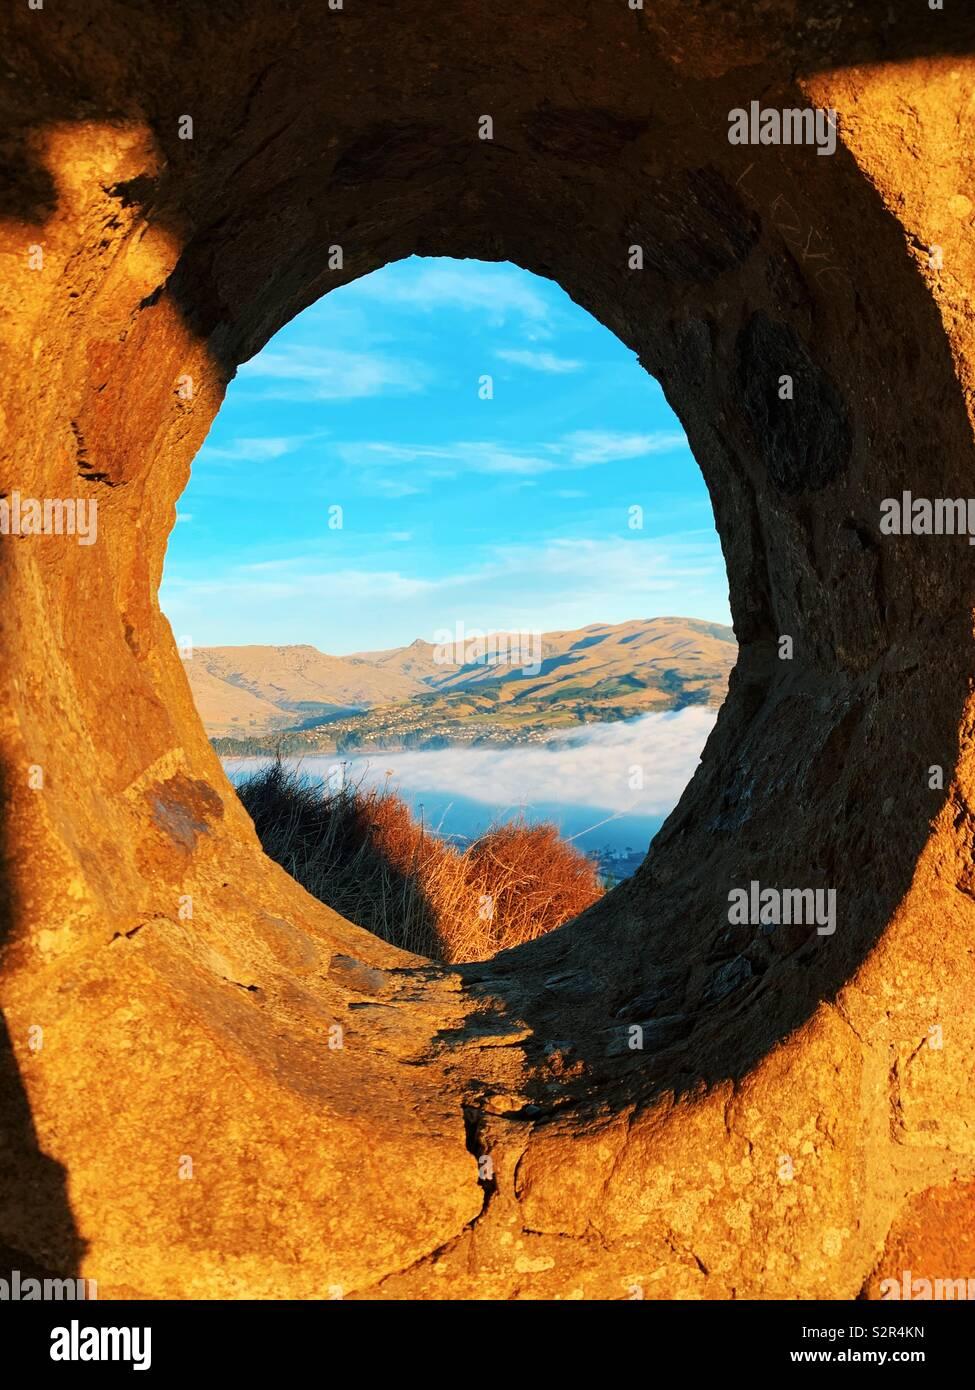 Photos prises à travers une perspective différente. Banque D'Images